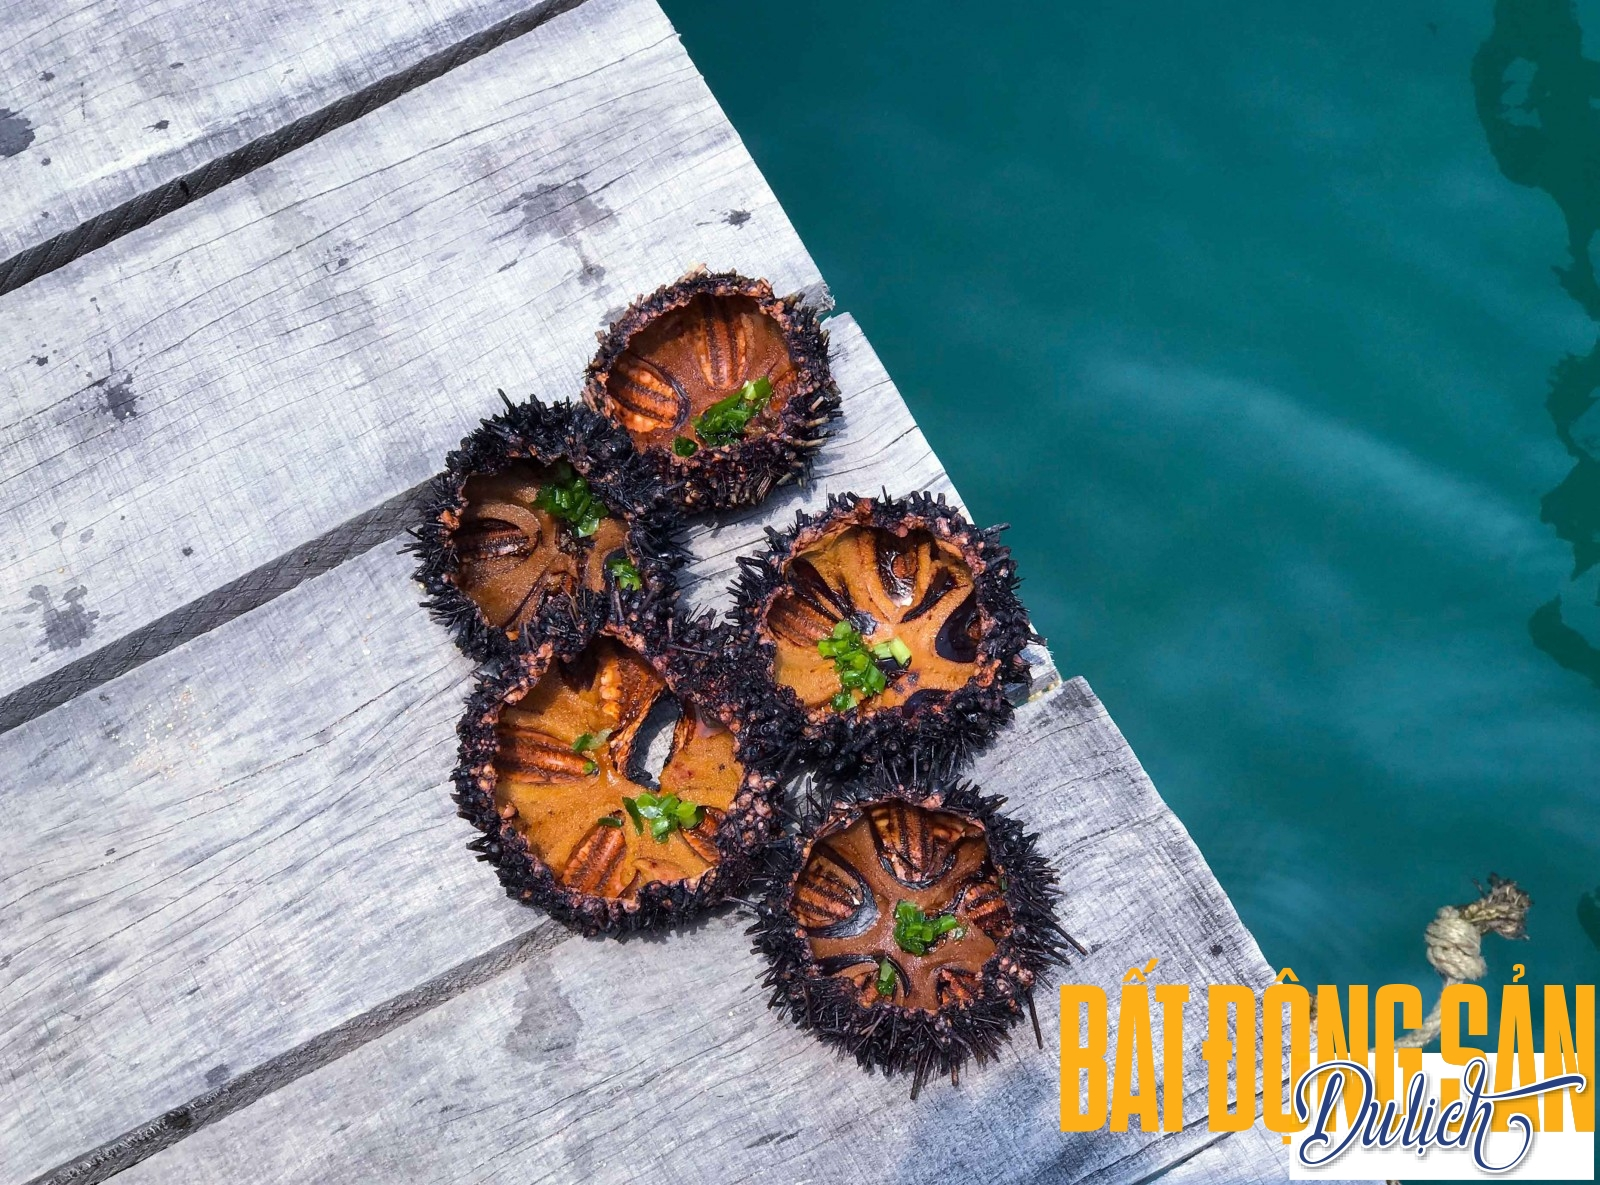 Không chỉ những cảnh quan thiên nhiên đẹp, vịnh Vĩnh Hy còn hấp dẫn bởi nhiều loài hải sản tươi ngon. Một trong những món đặc trưng của hải sản ở Vĩnh Hy là nhum nướng mỡ hành.